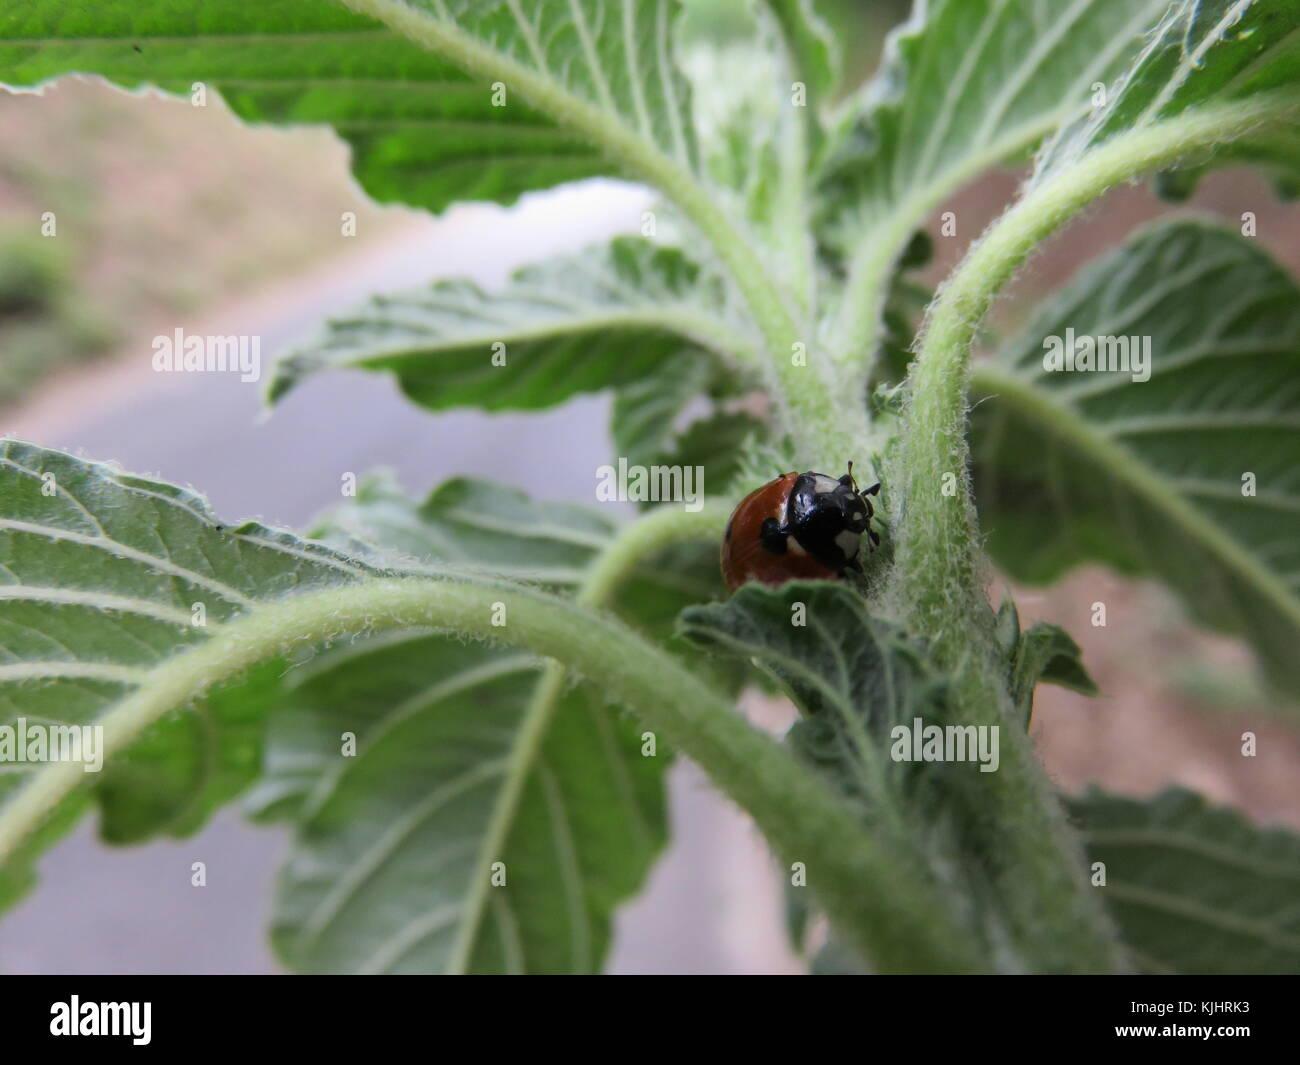 Una piccolo insetto su una pianta lei fa veramente bene alle pianta perché mangia gli afidi cosi facendo salva - Stock Image